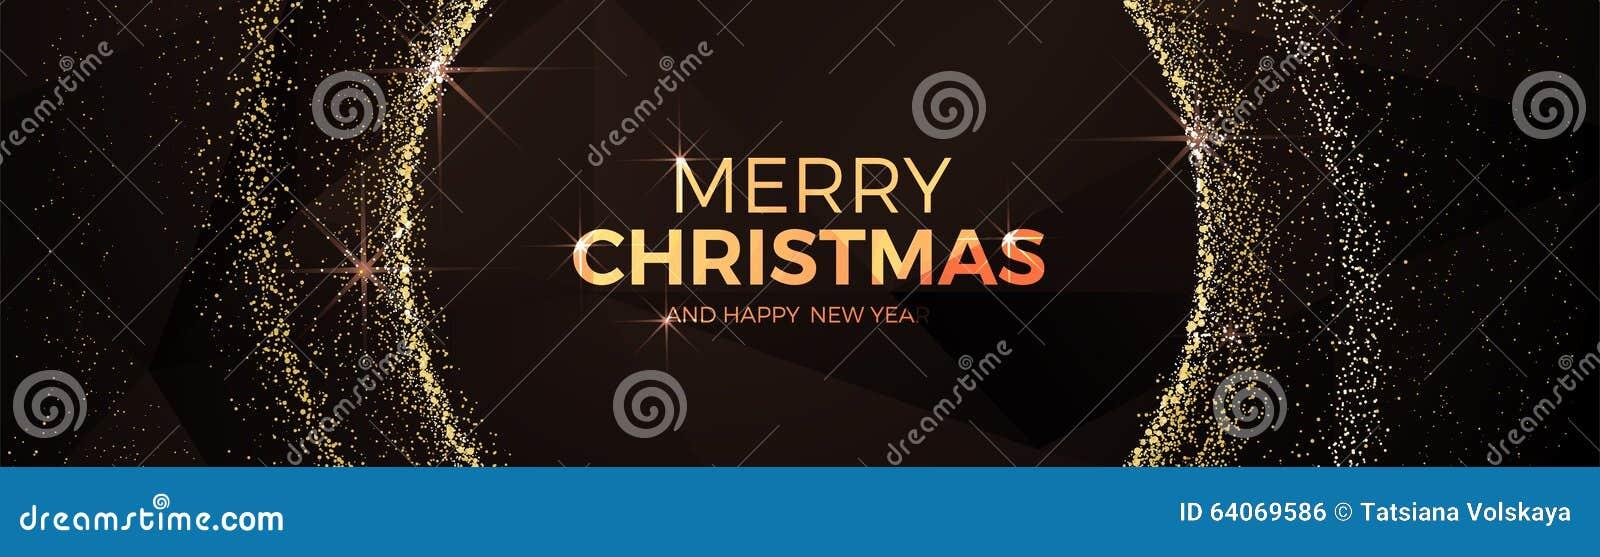 Wesoło boże narodzenia i szczęśliwej nowy rok fantazi xmas złocisty balowy niski poli- trójbok projektują